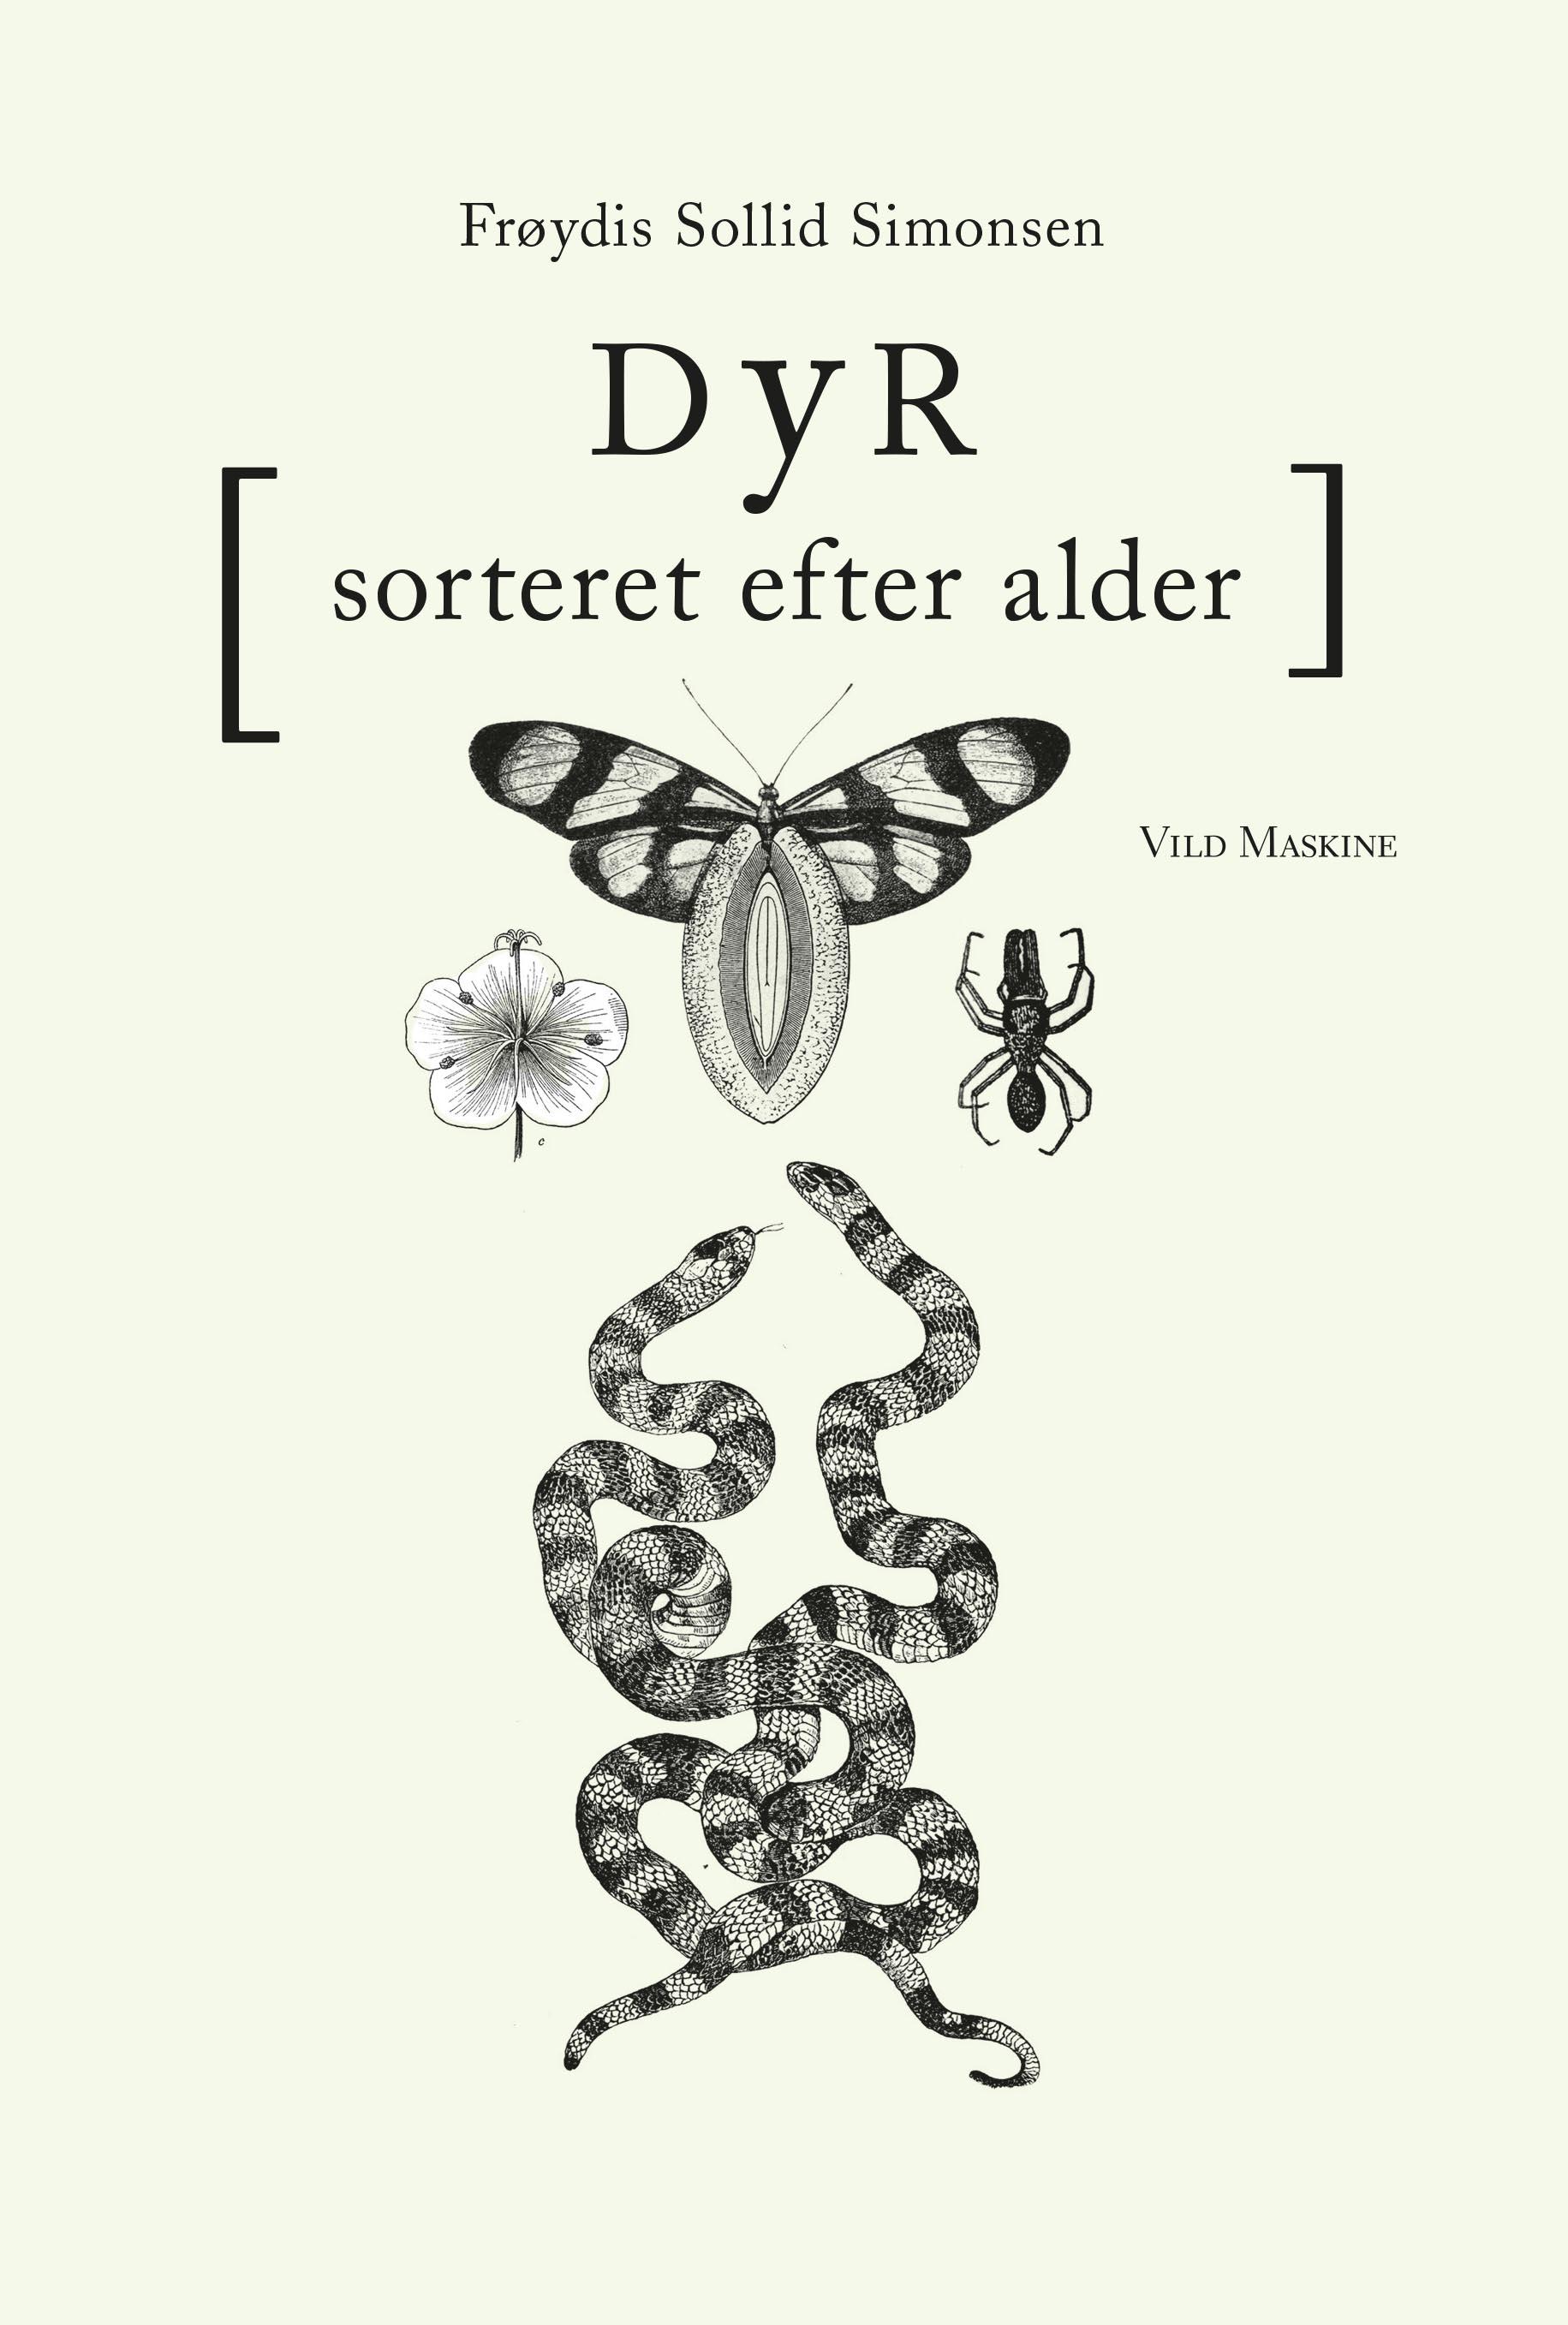 Dyr, sorteret efter alder. Af Frøydis Sollid Simonsen, udgivelsesdato: 26-10-2018.